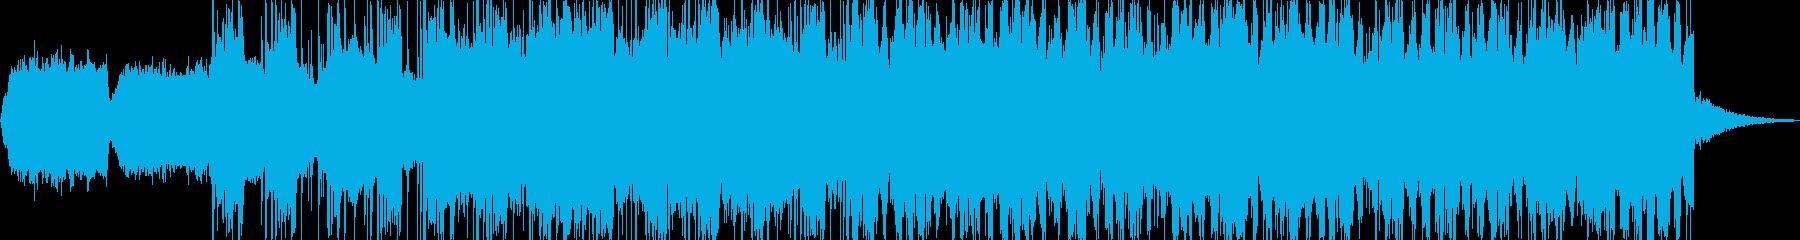 ノスタルジックなBGMの再生済みの波形